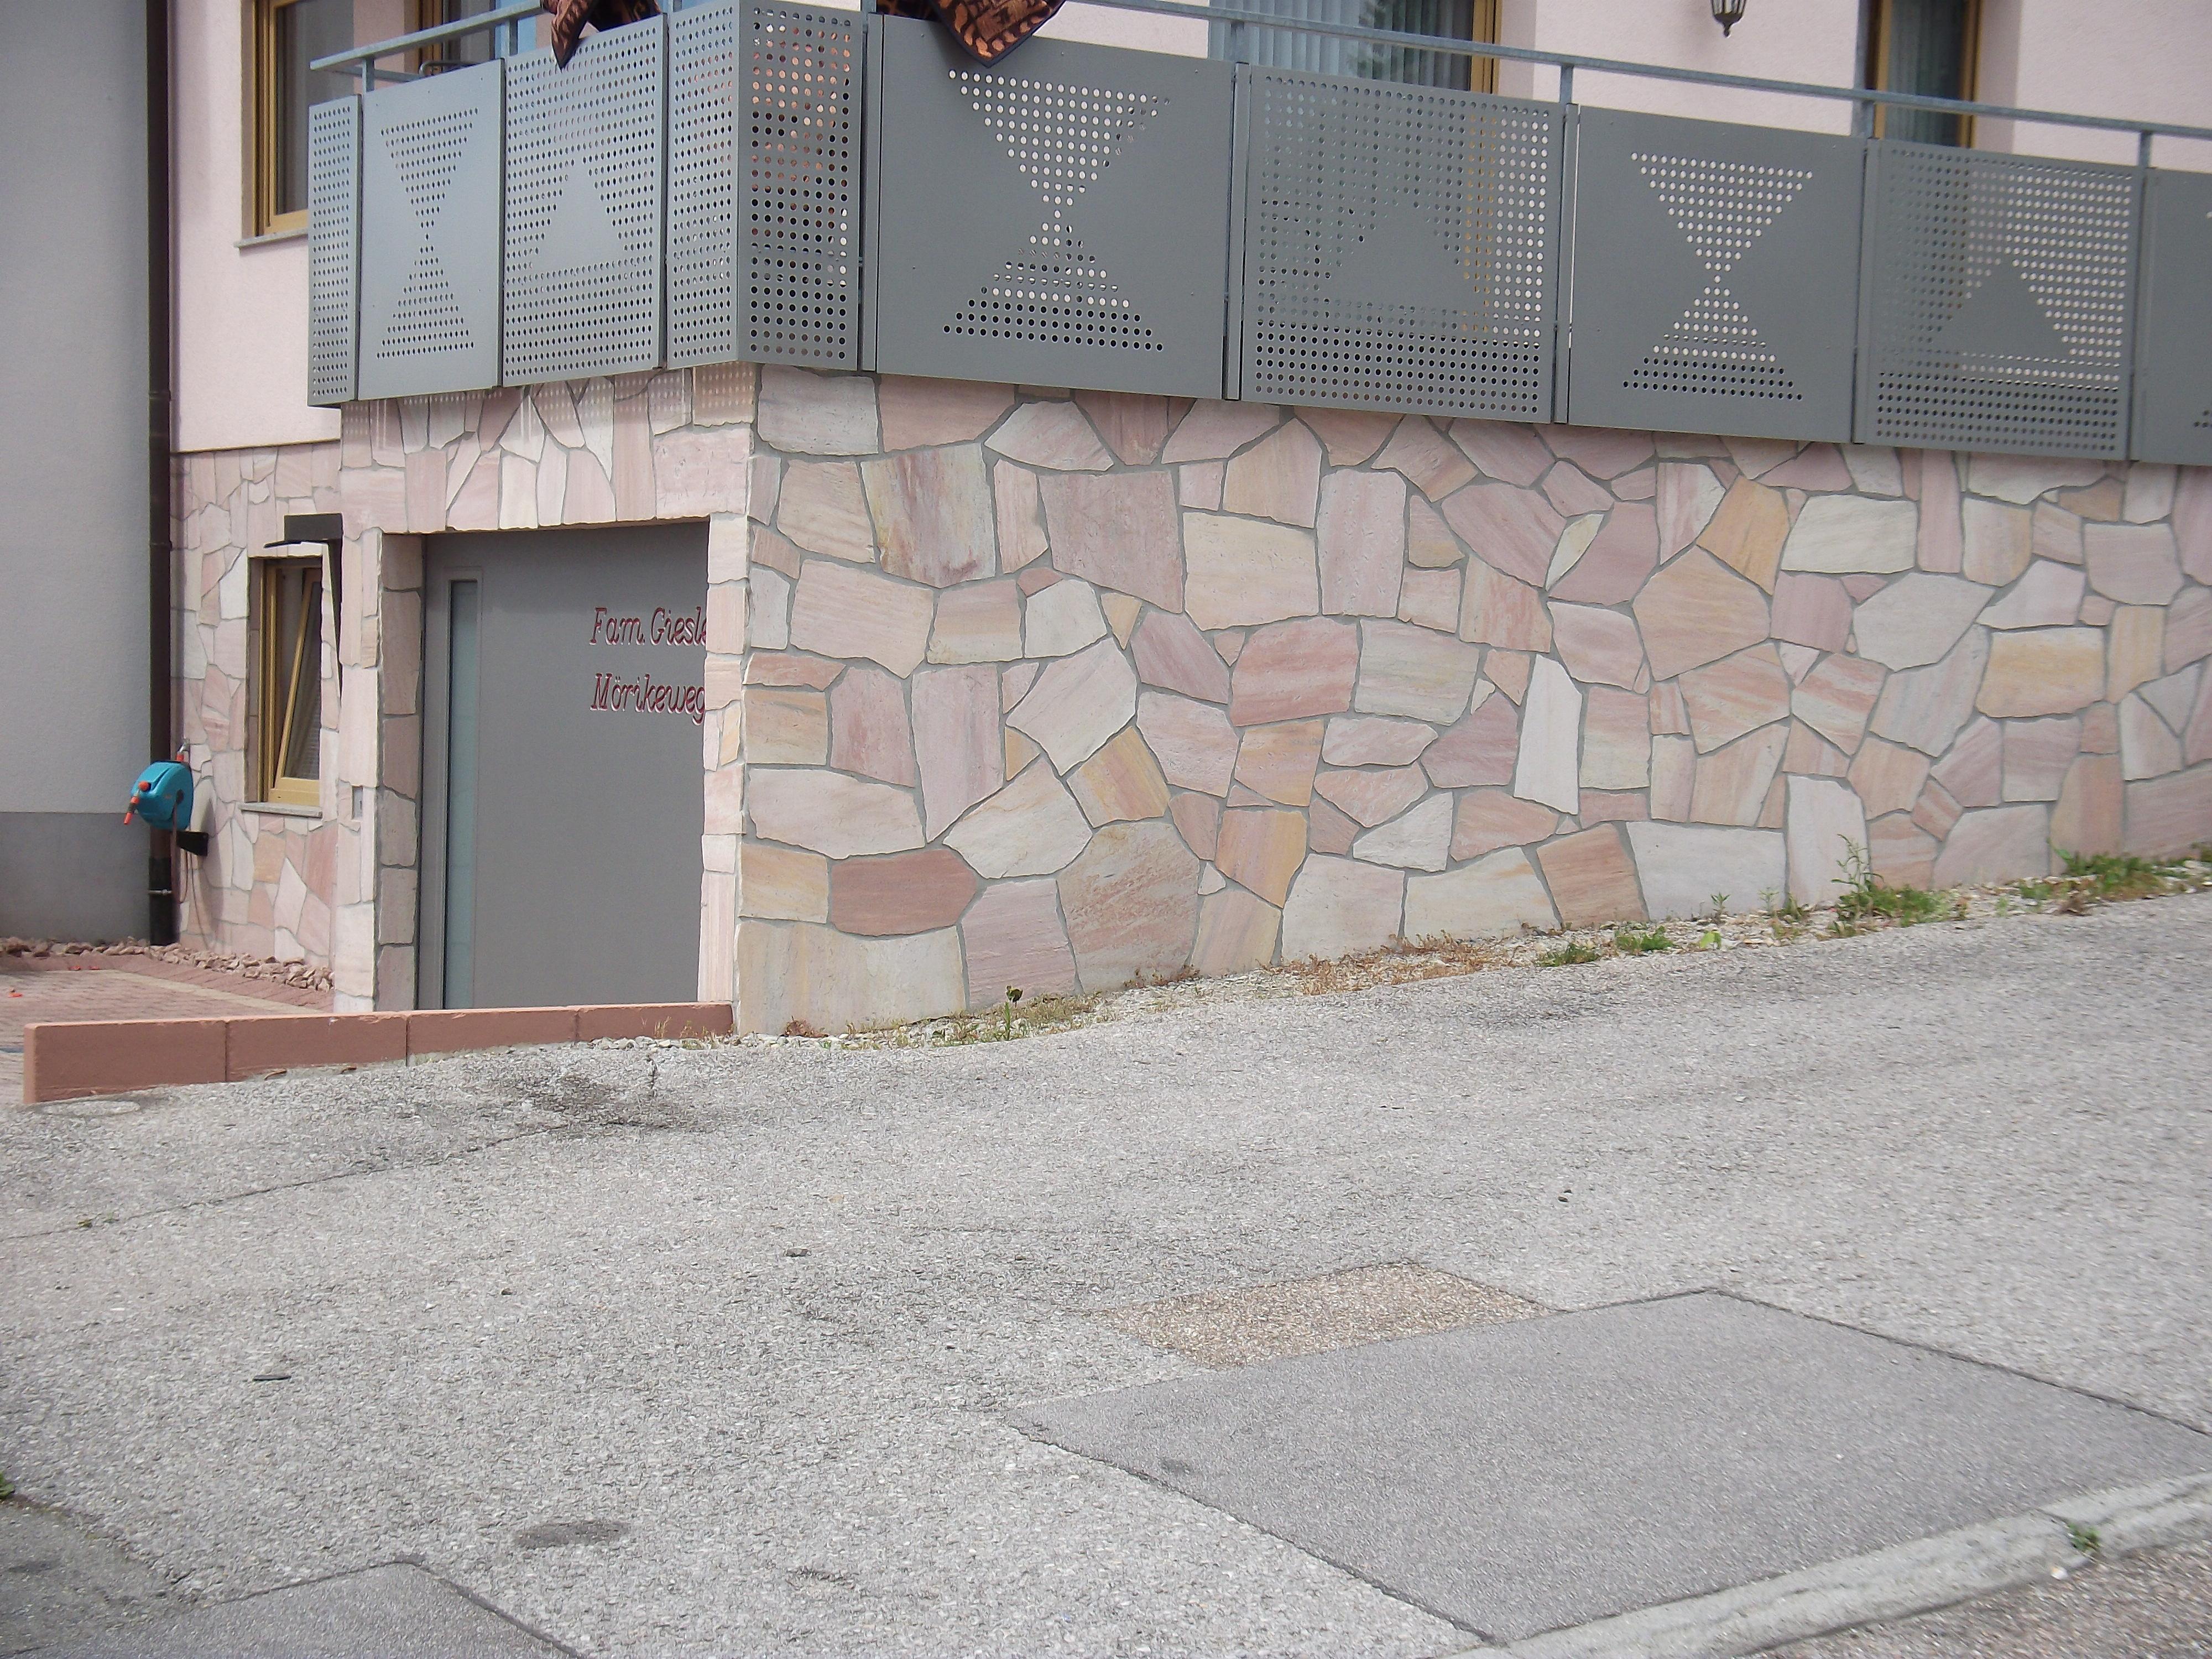 http://www.fliesenleger-glaser.de/wp-content/uploads/2017/04/Poligonal-Fasade.jpg